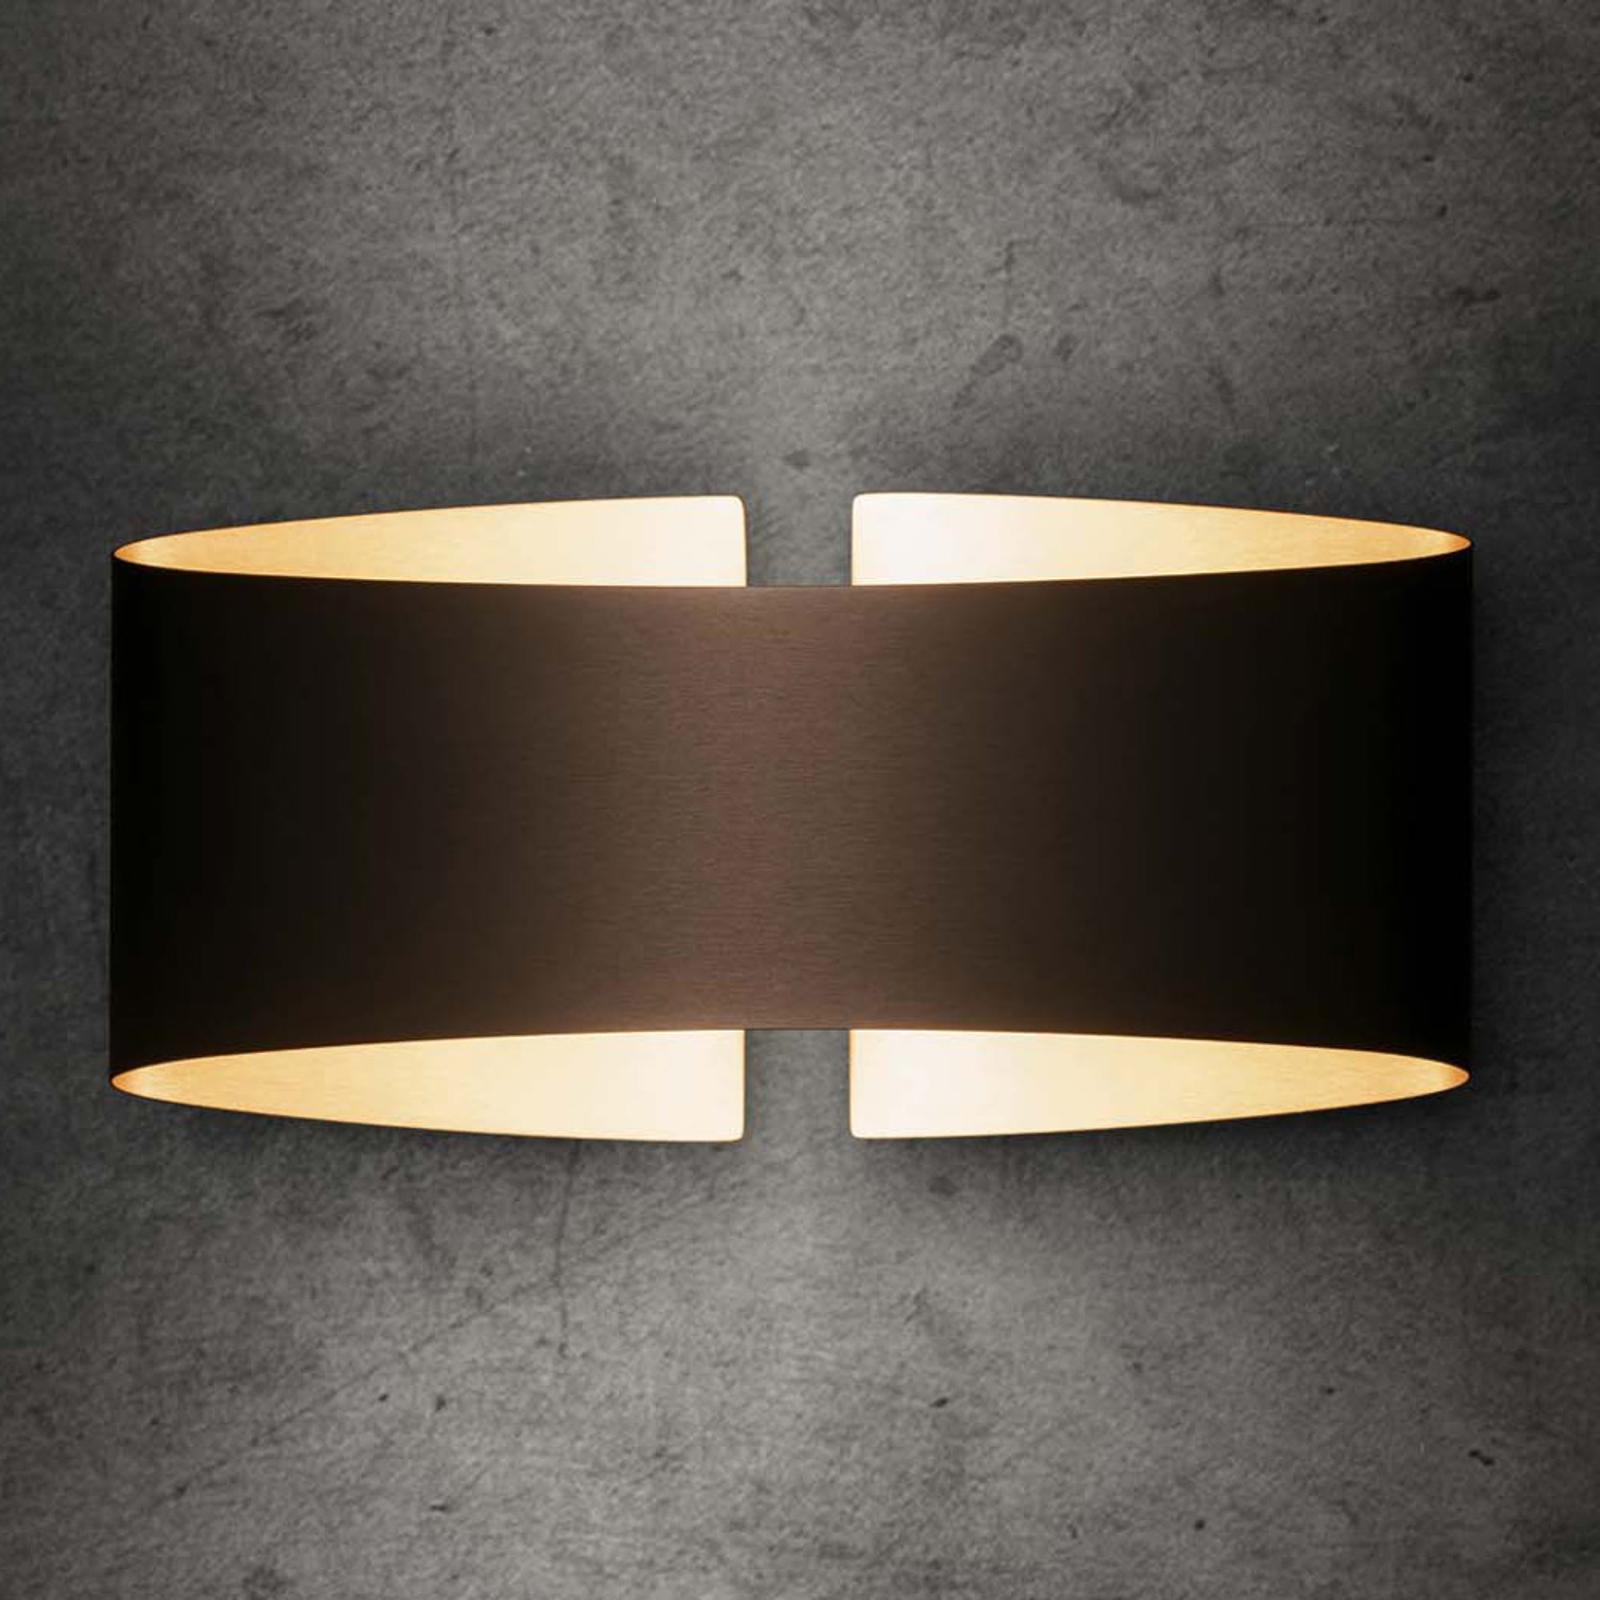 Holtkötter Voilà LED wandlamp, mat fumé